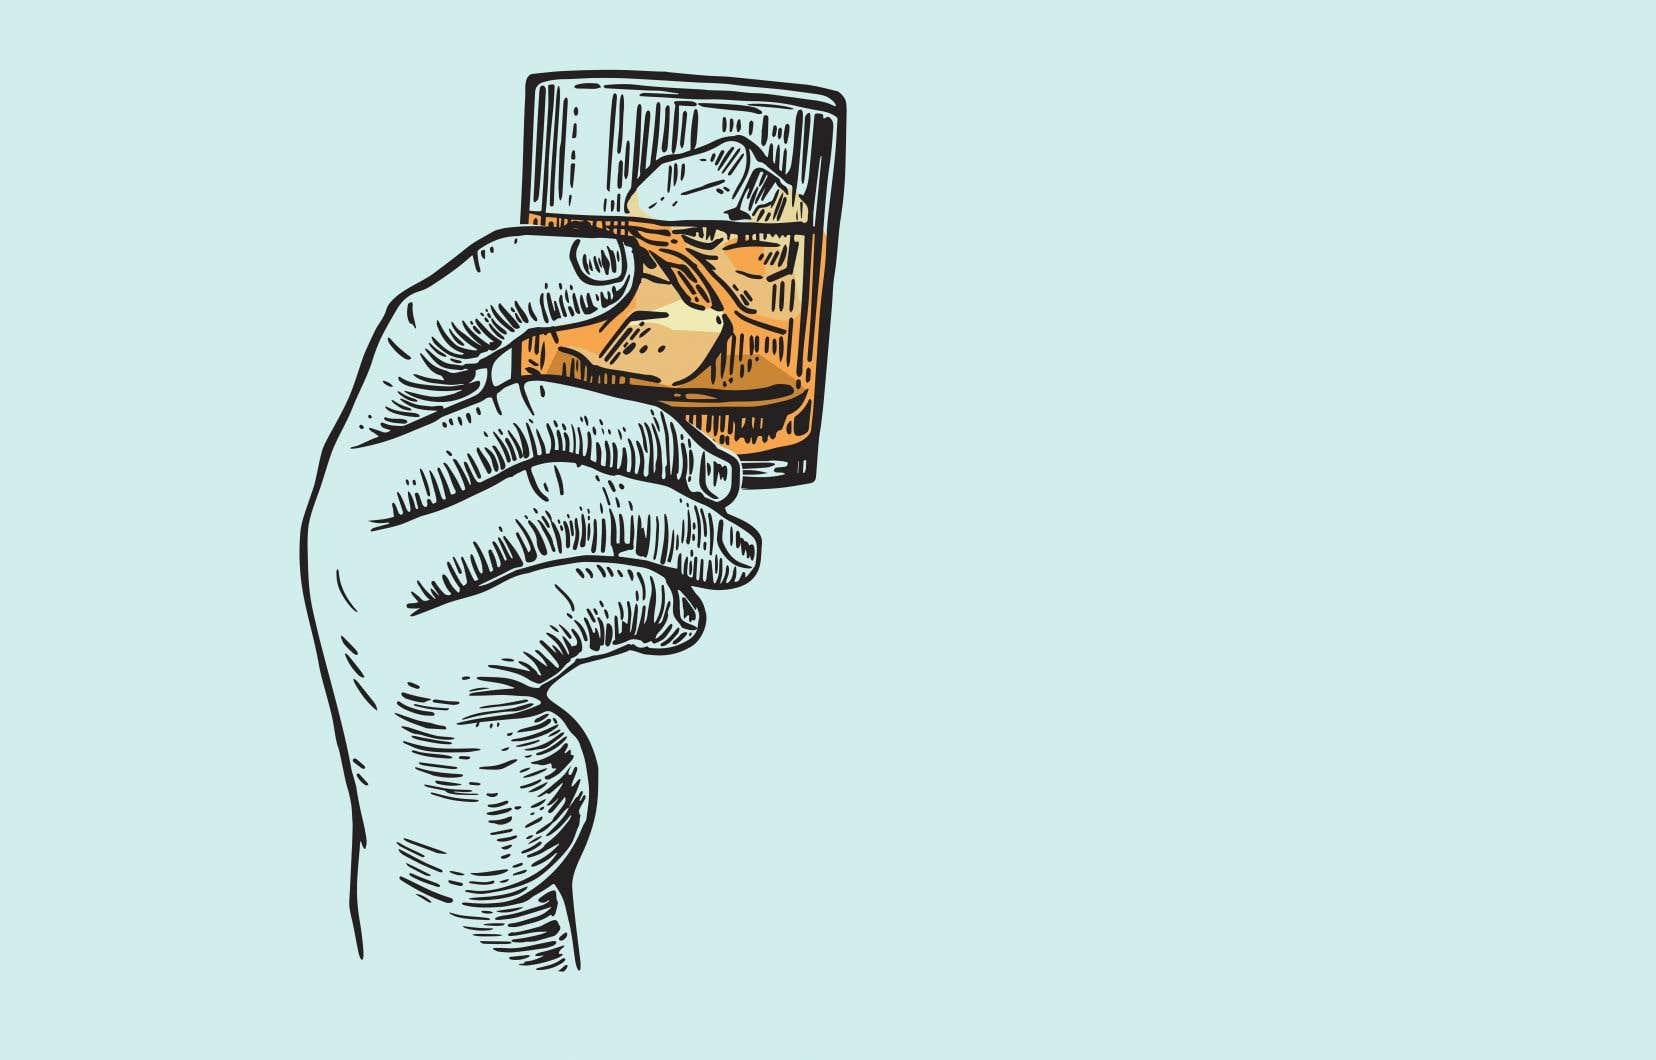 La prohibition a aussi légué au Québec la Commission des liqueurs du Québec (CLQ) en 1921, l'ancêtre de la Société des alcools.